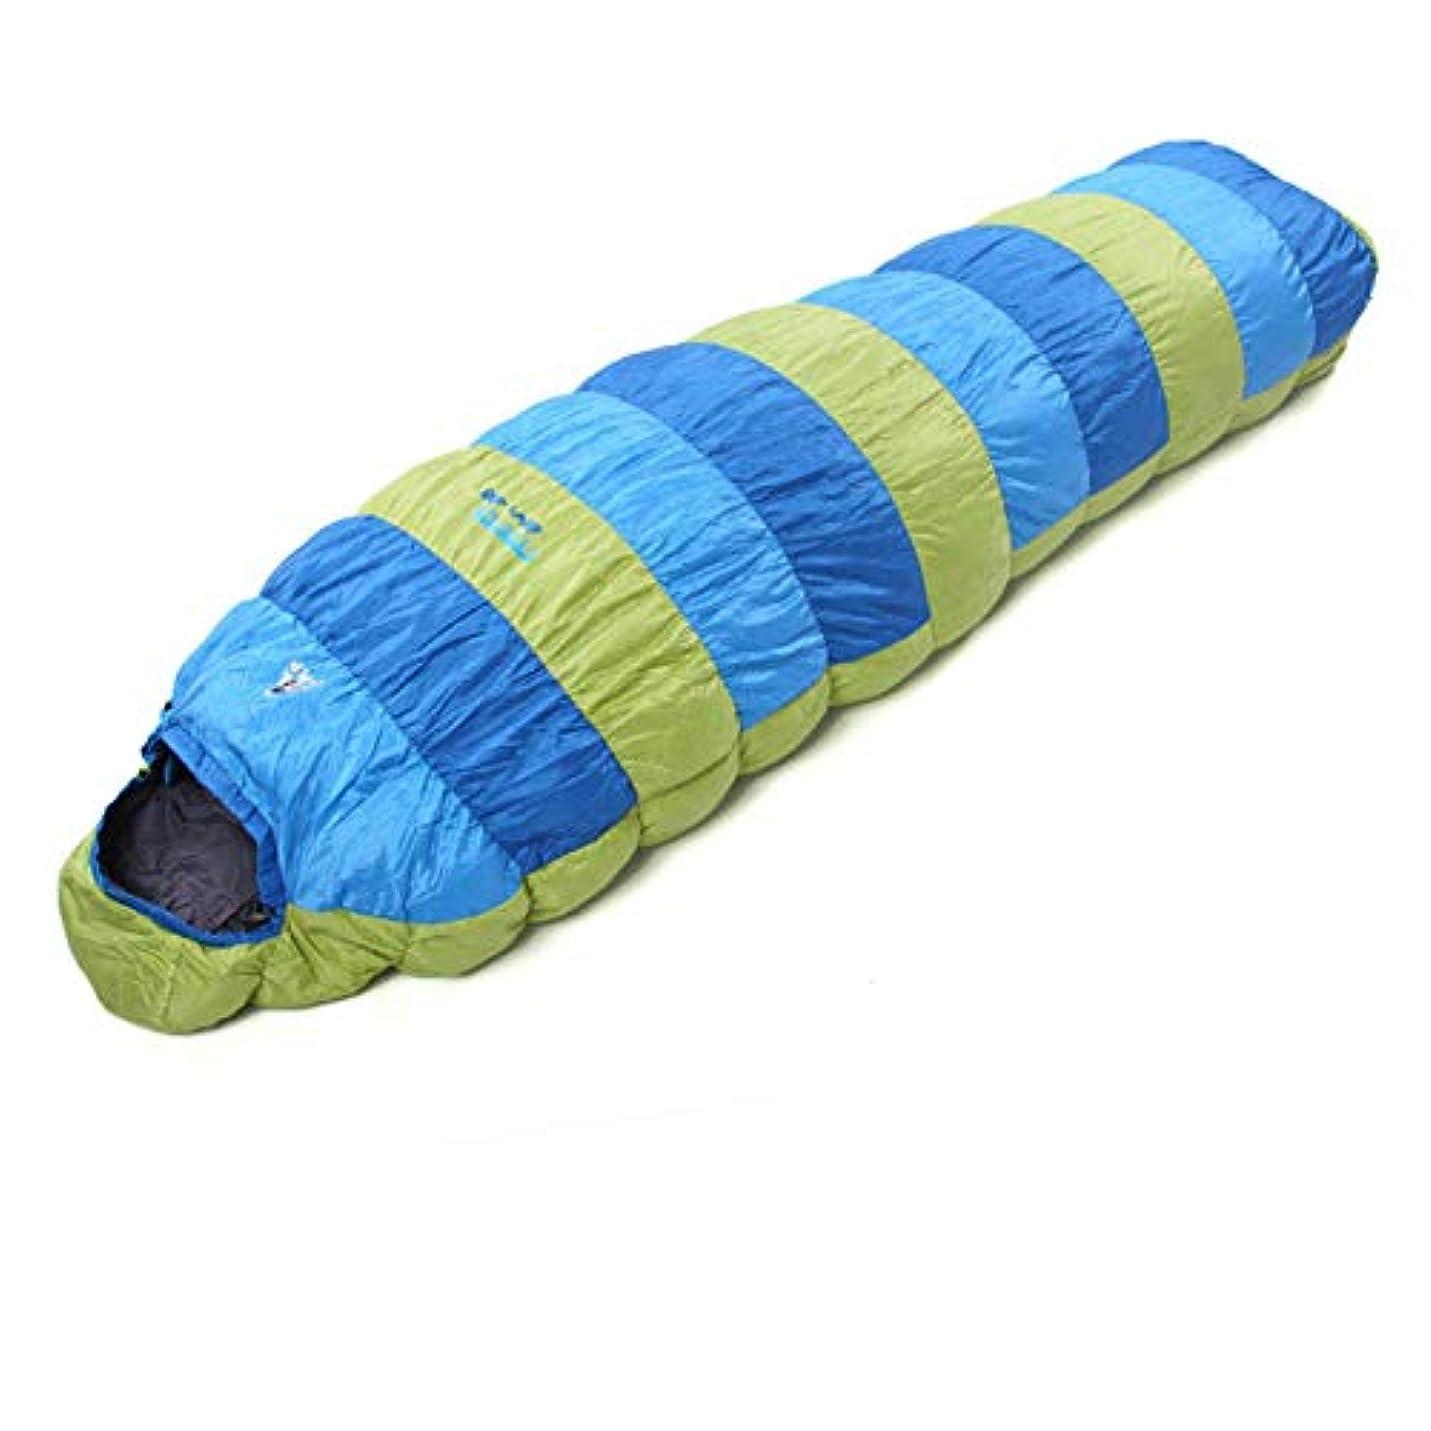 差し引くに渡ってセクションDurable,breathable,comfortable寝袋、ミイラ軽量睡眠袋快適な通気性の睡眠袋は、冬の暖かいキャンプのための素晴らしい、旅行、ハイキング大人の屋外ギア,Blue,600g